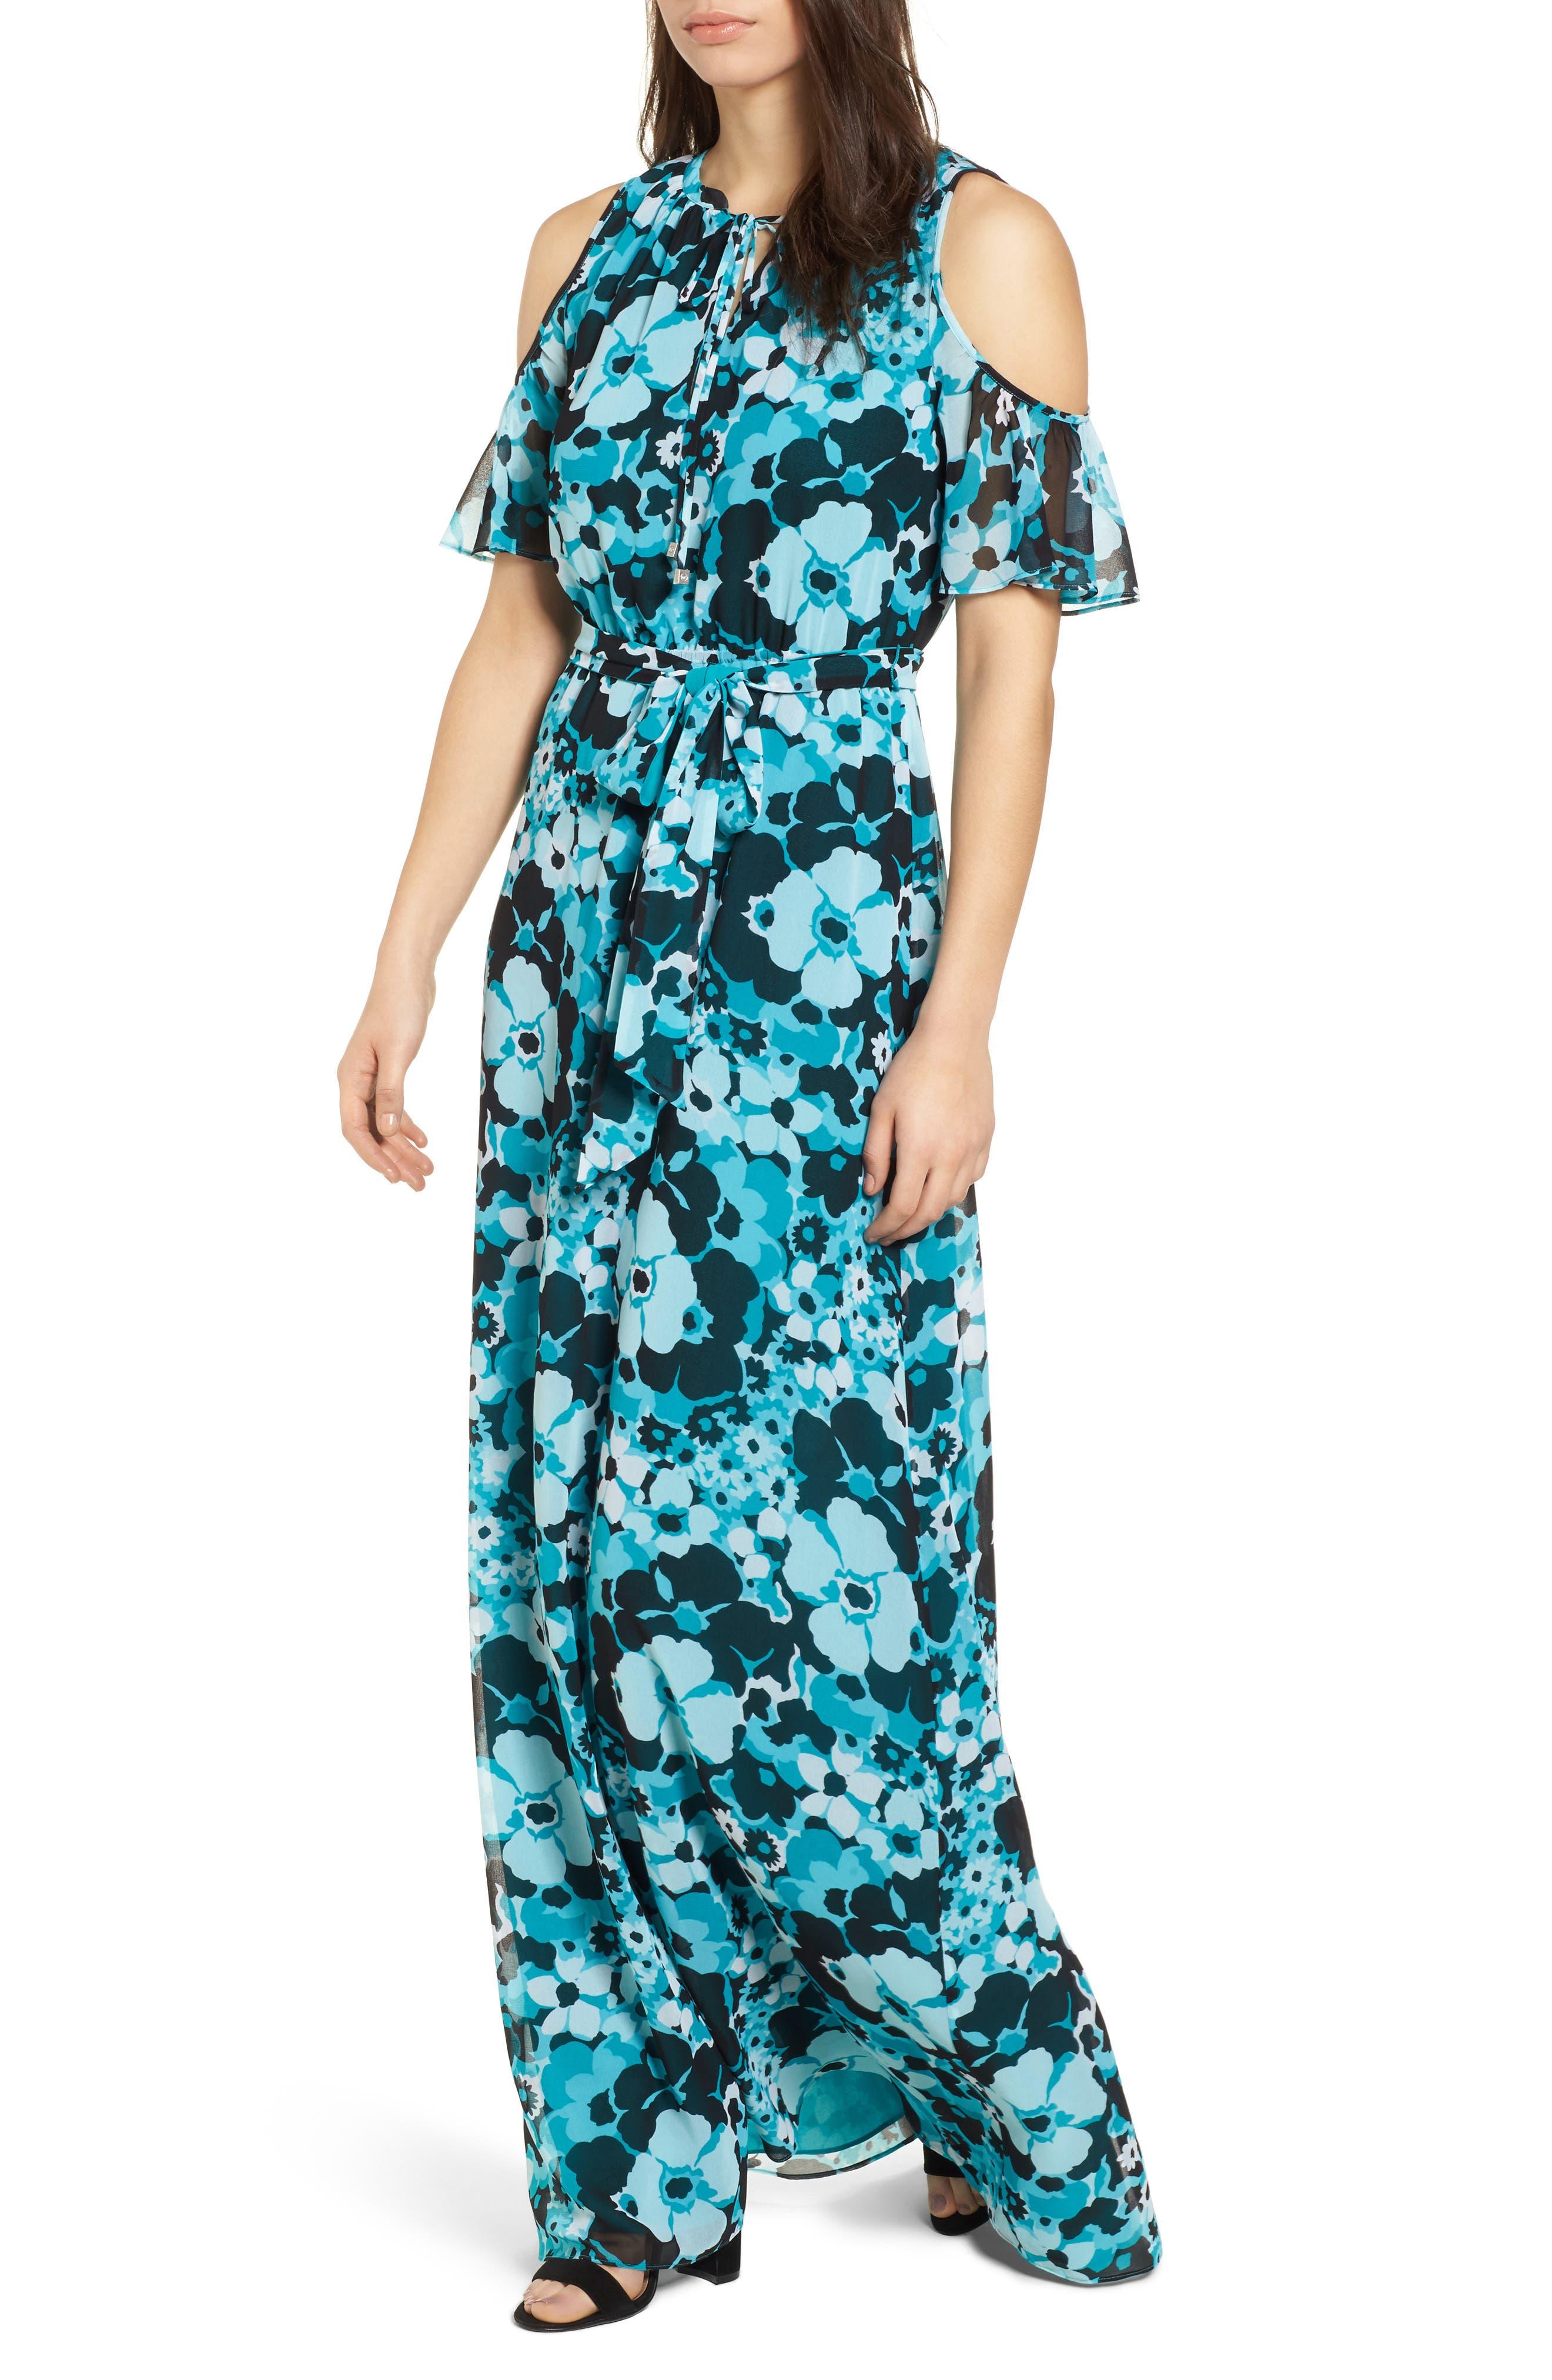 Spring Floral Maxi Dress,                             Main thumbnail 1, color,                             494